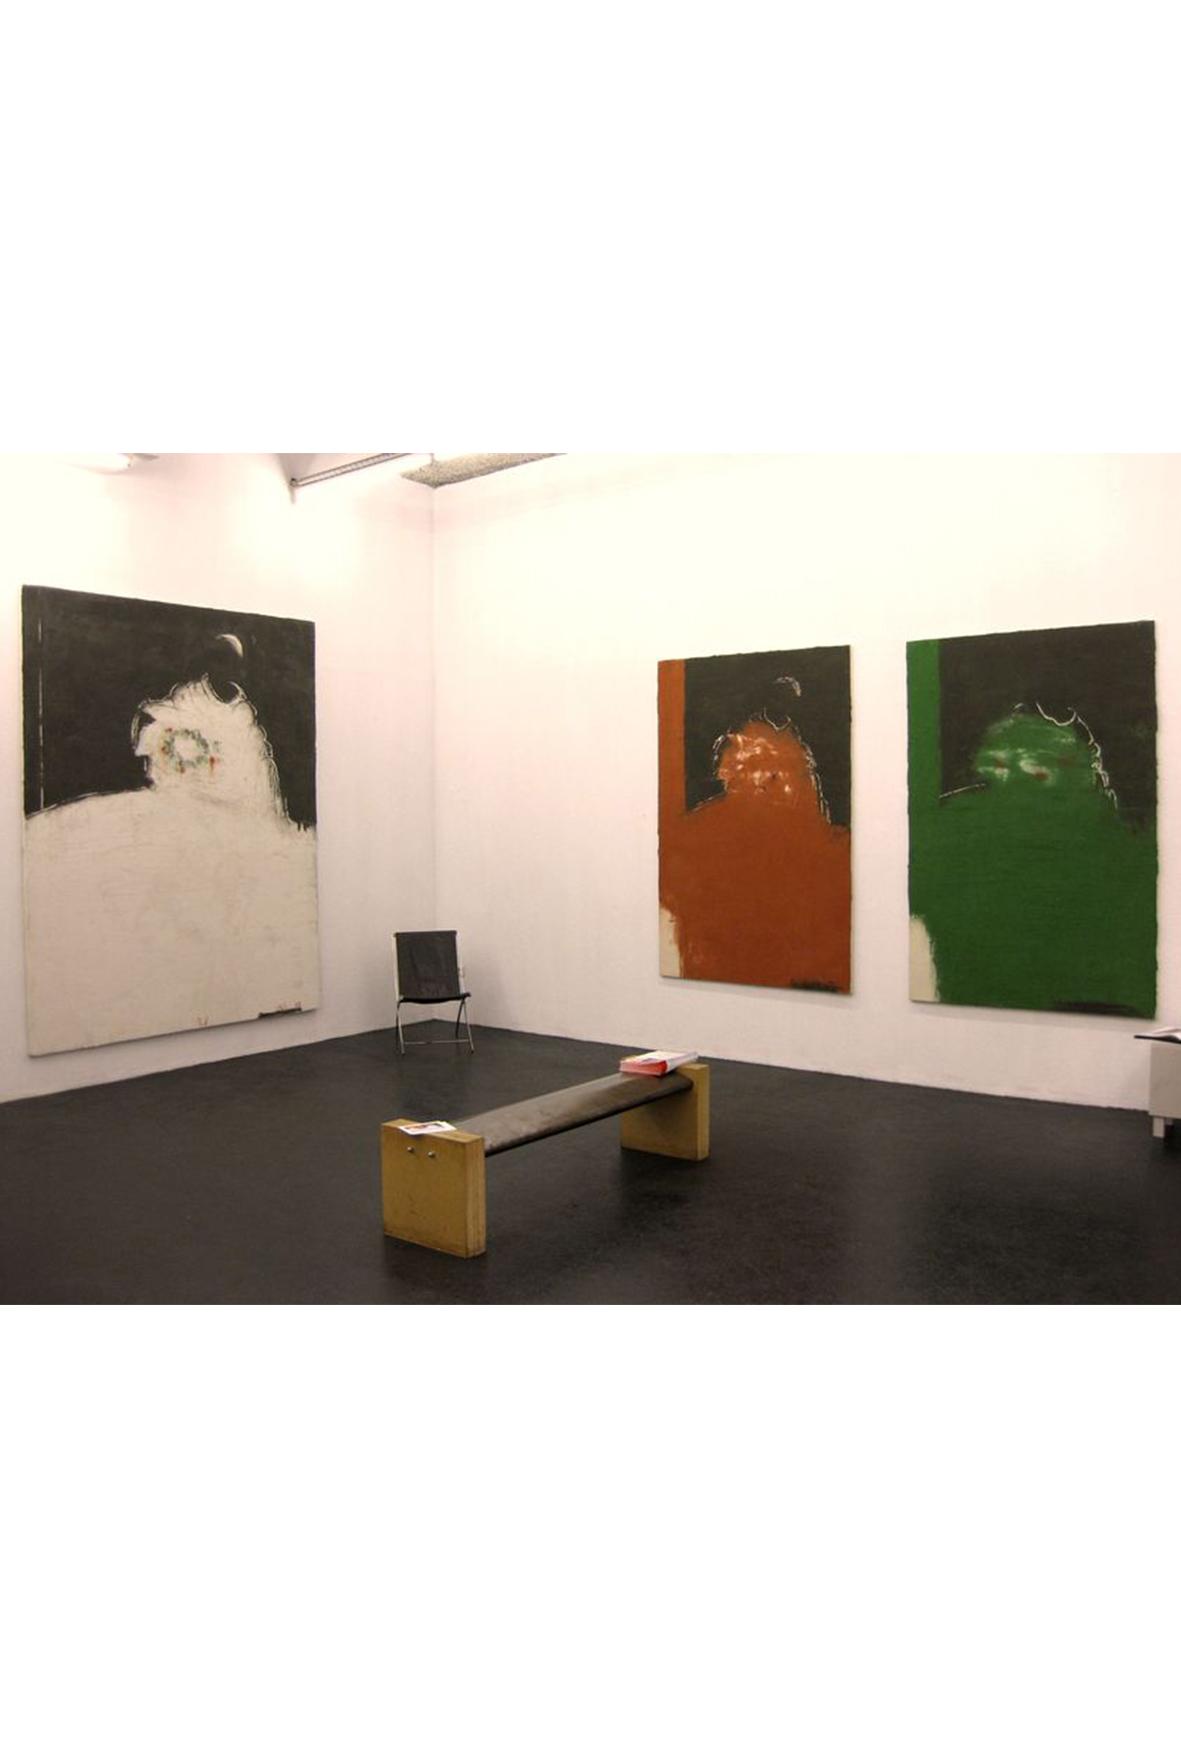 Peintures de jean Pierre Schneider, galerie d'art lyon, art contemporain lyon, galerie Lyon